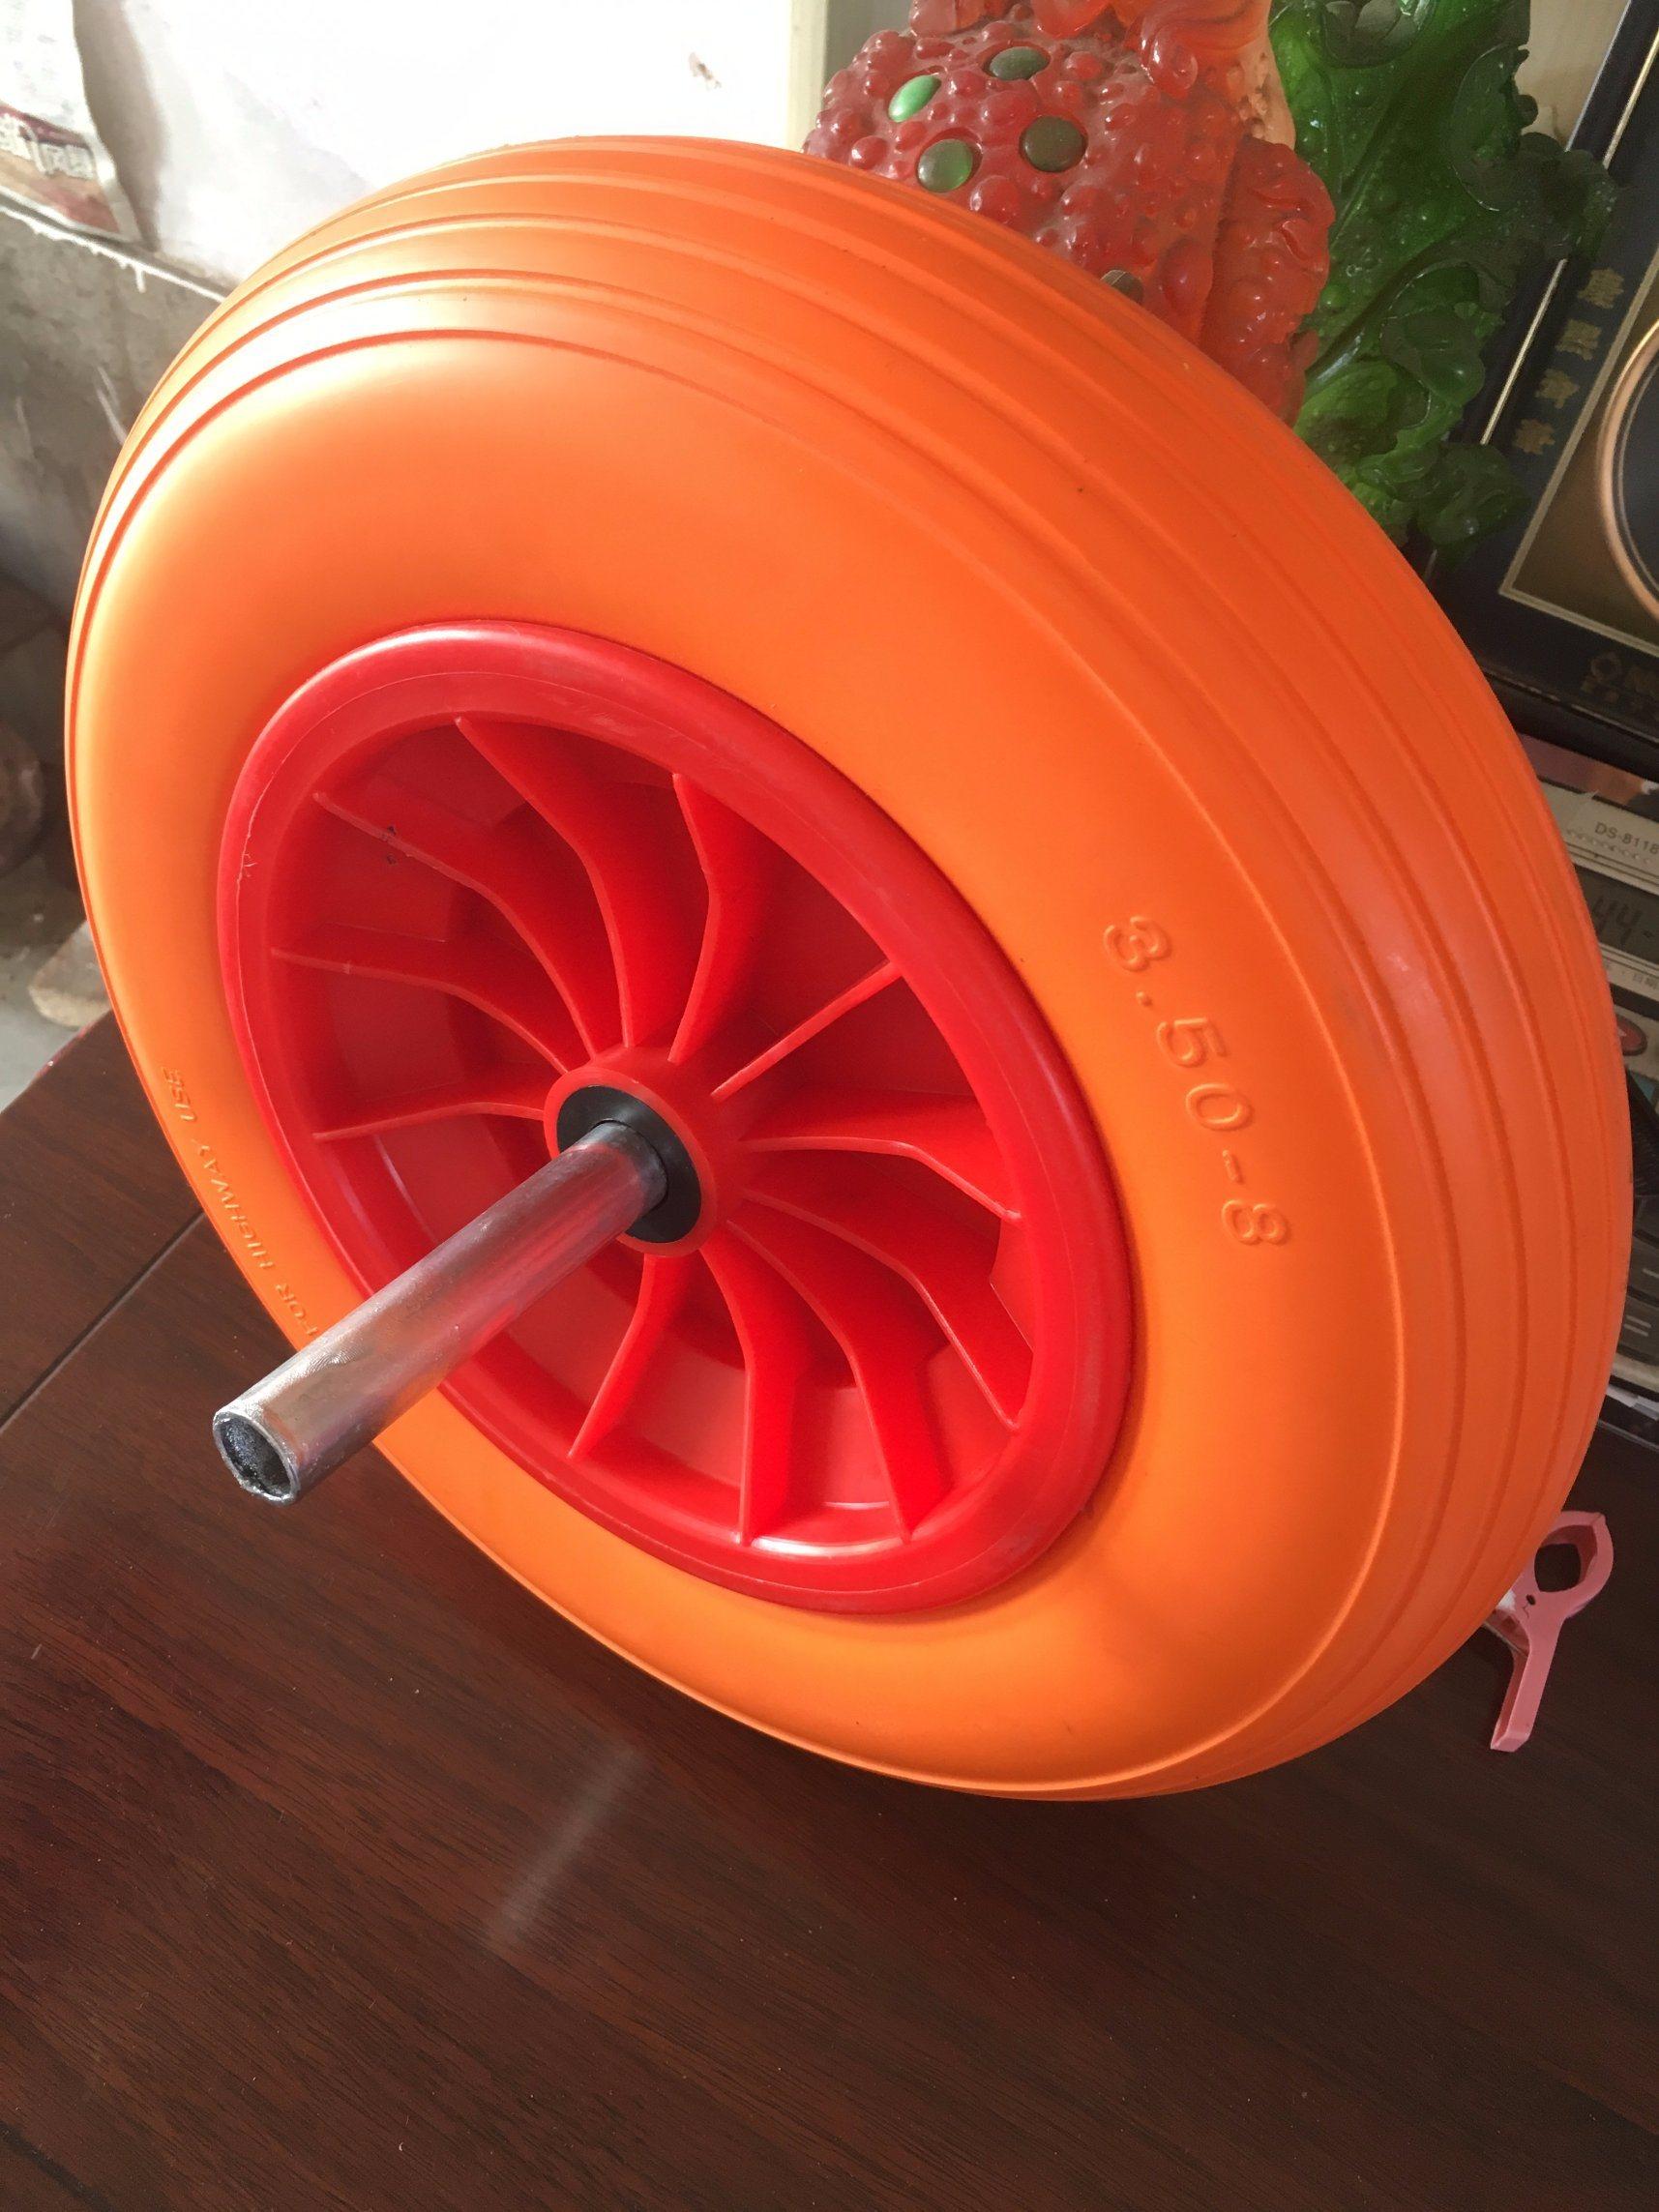 Maxtop Quality PU Foam Trolley Wheel